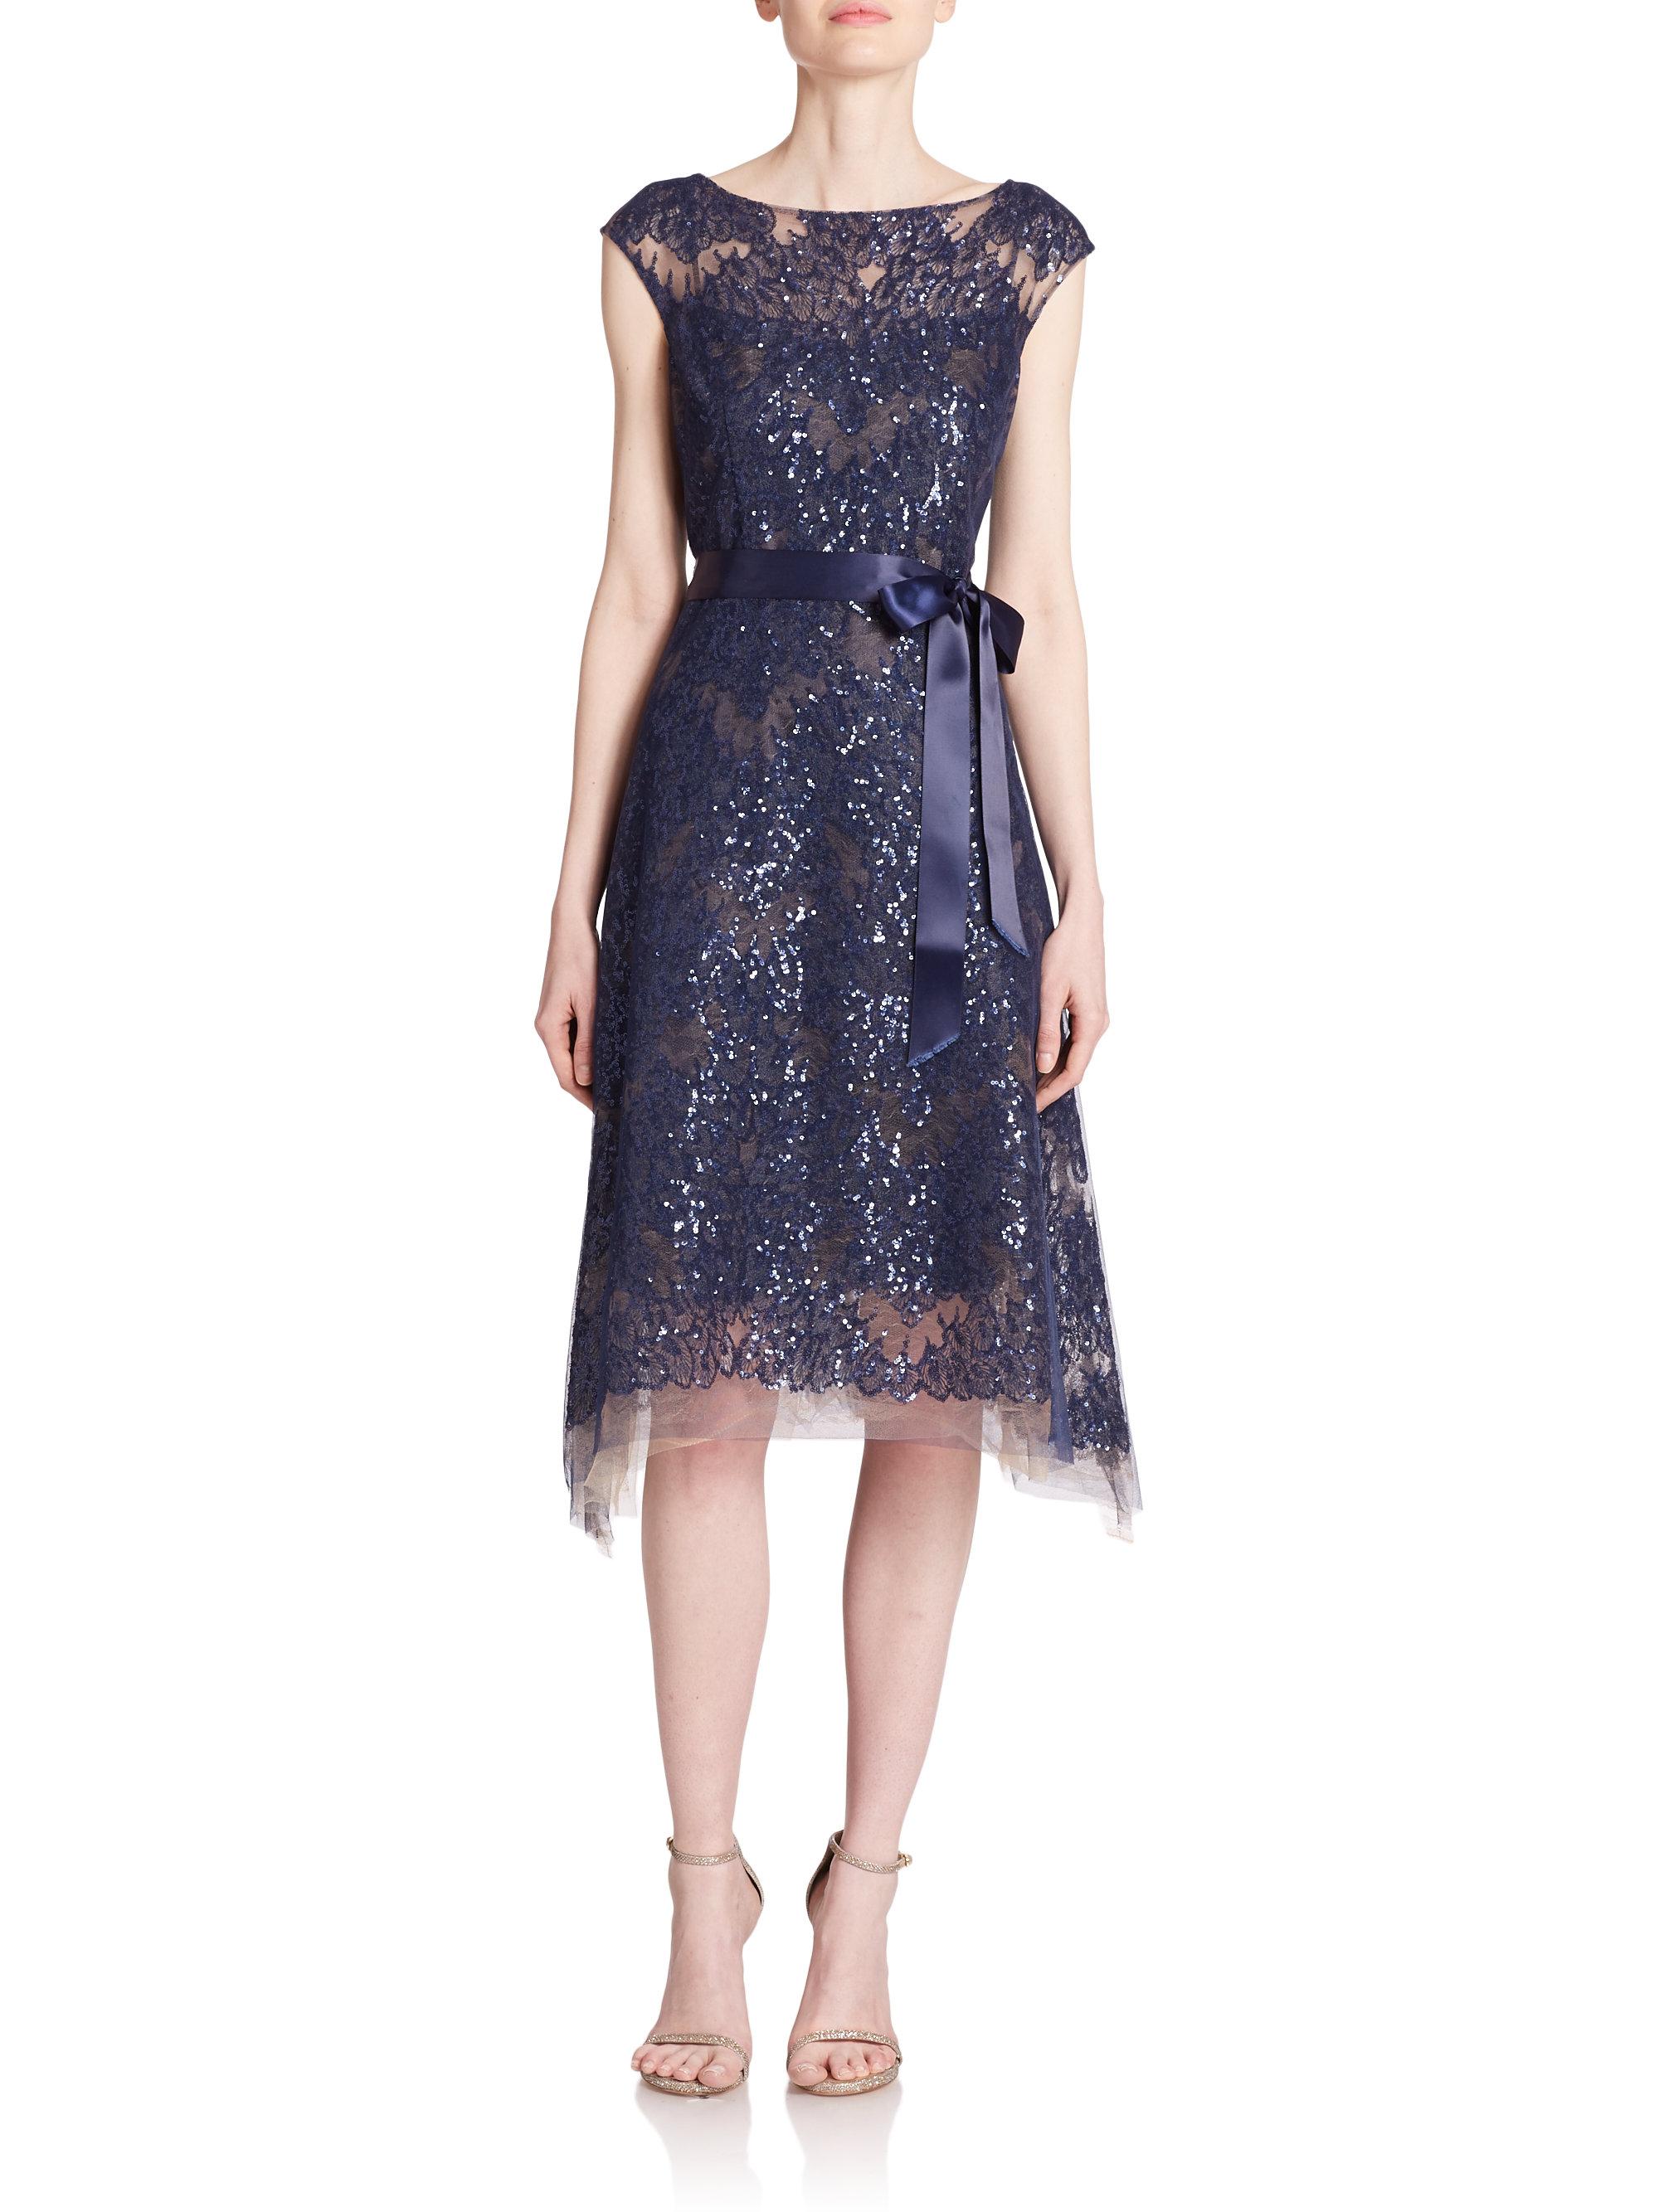 Increíble Cocktail Dresses Saks Inspiración - Ideas de Vestidos de ...